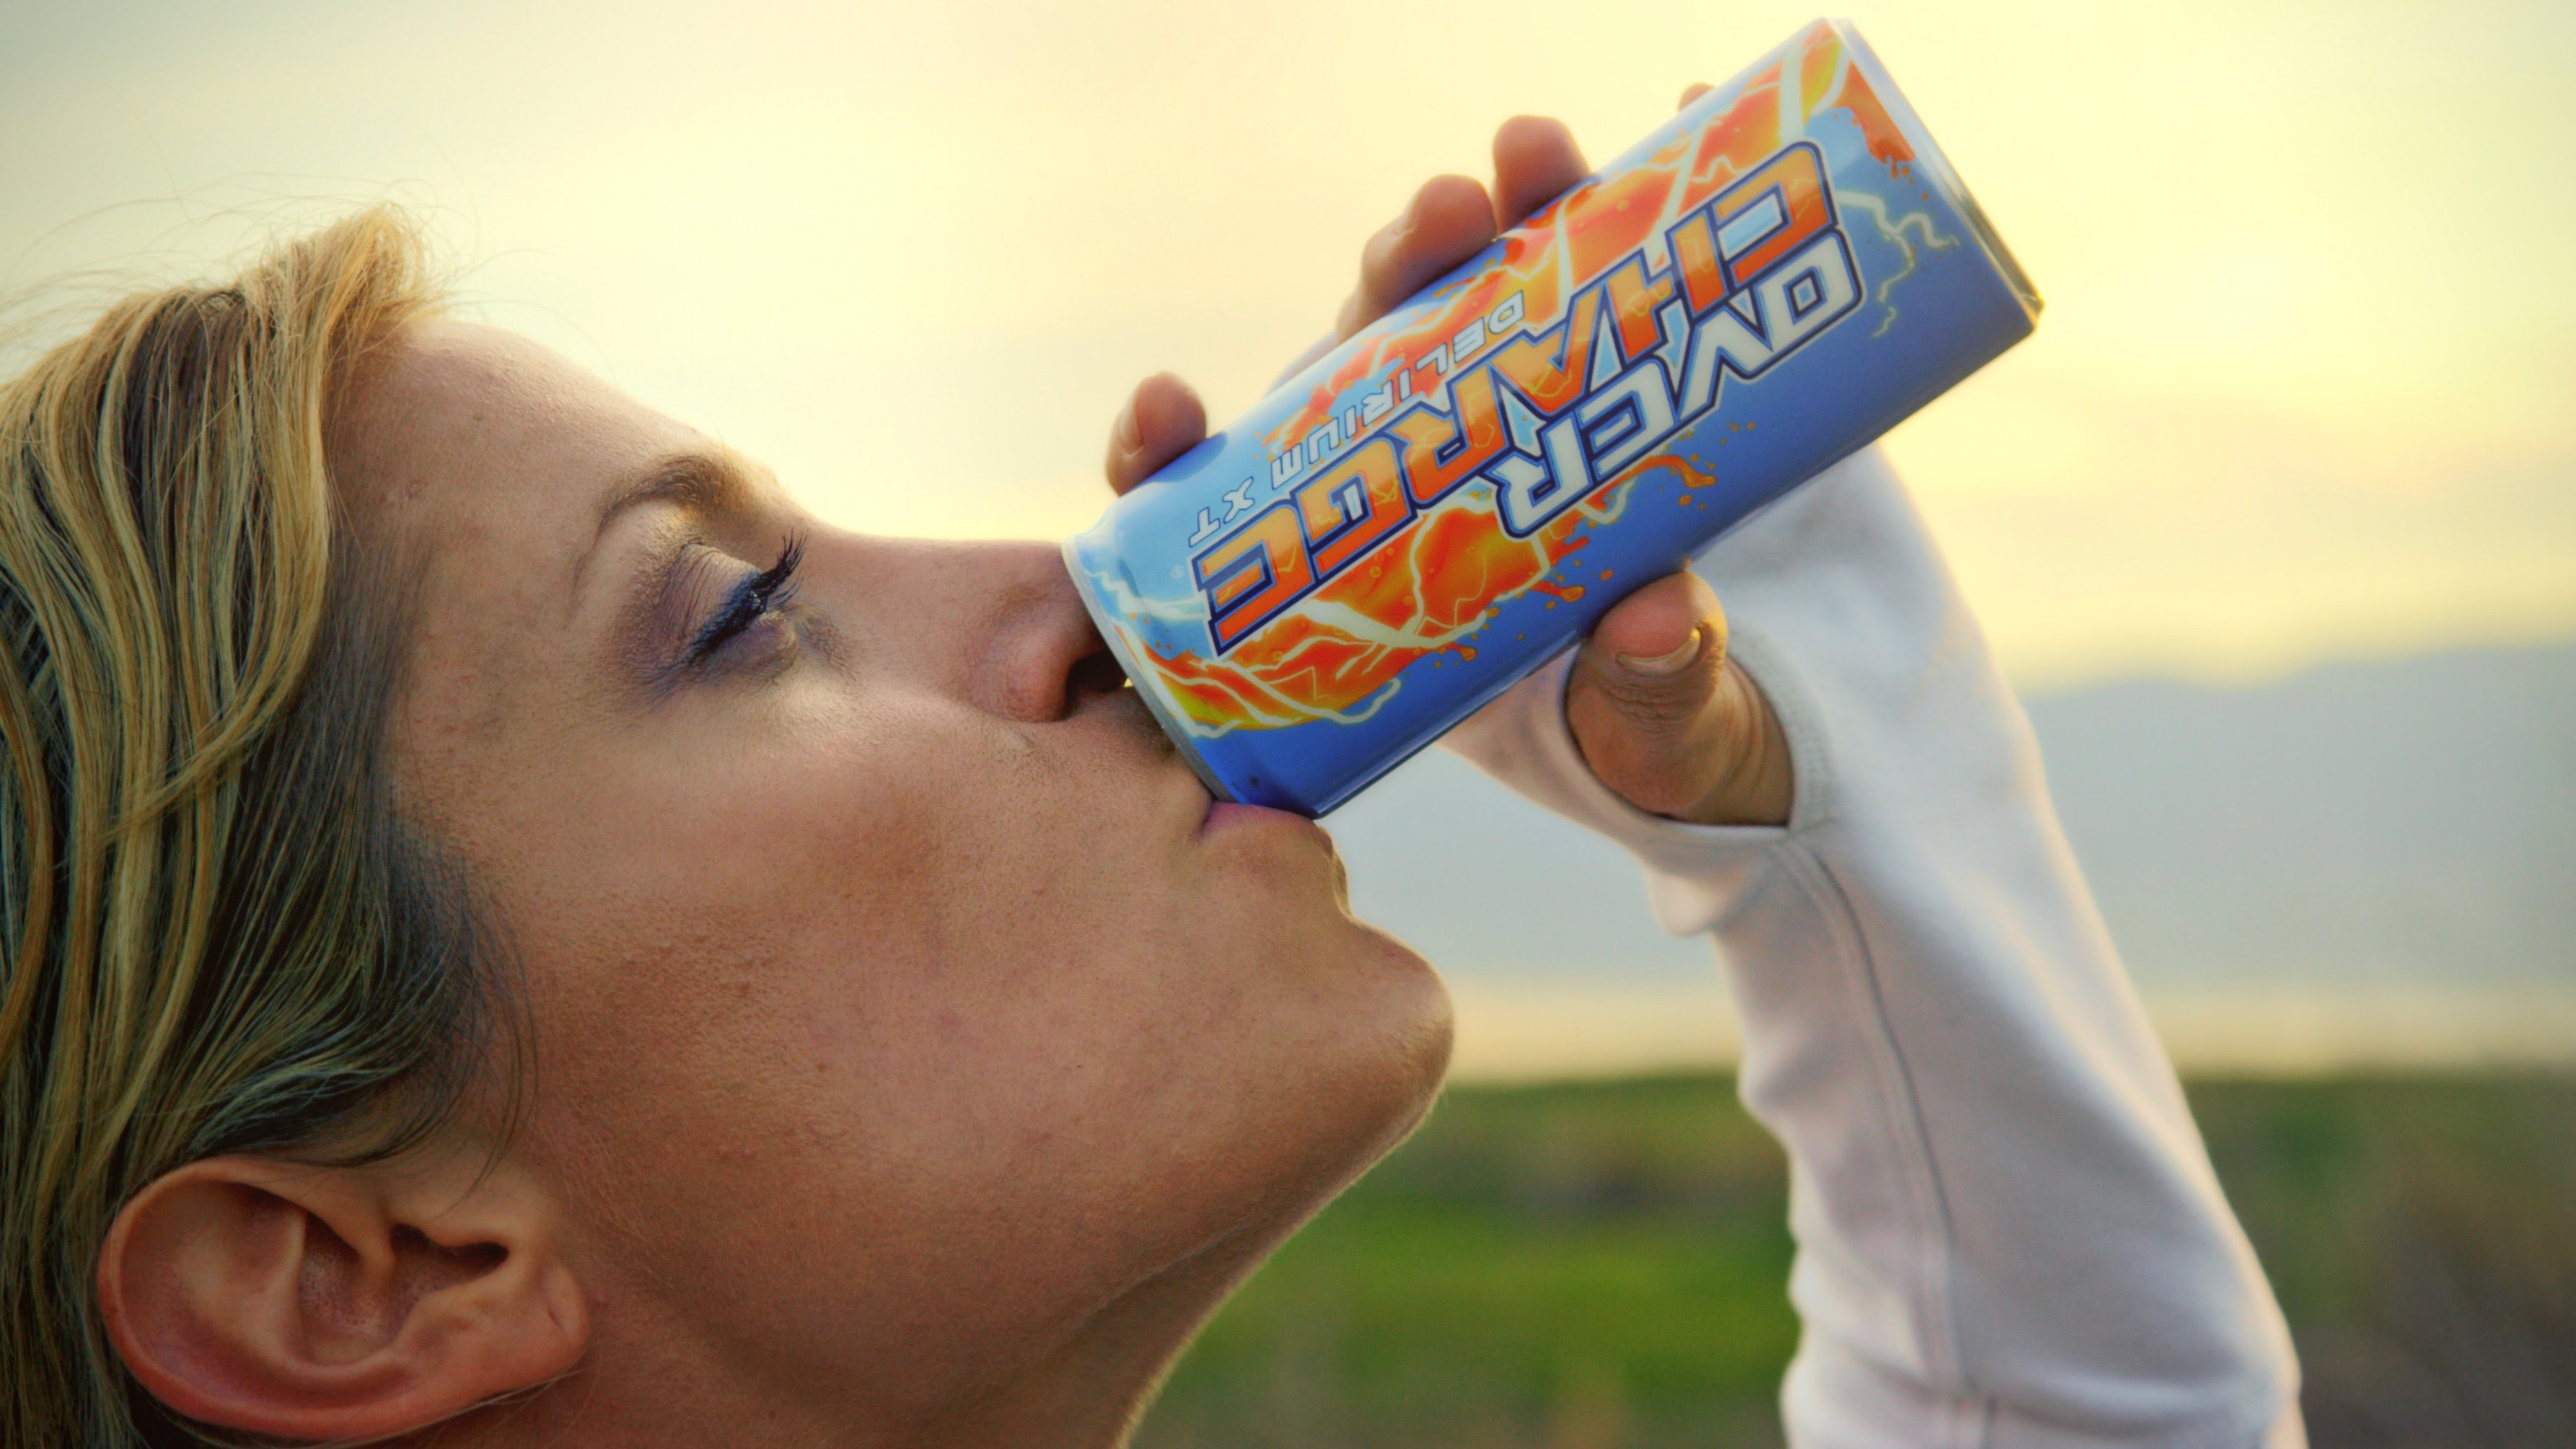 """Im Kurzfilm """"Energy Drinks Will Kill You"""" werden dich Energy Drinks halt nicht töten"""